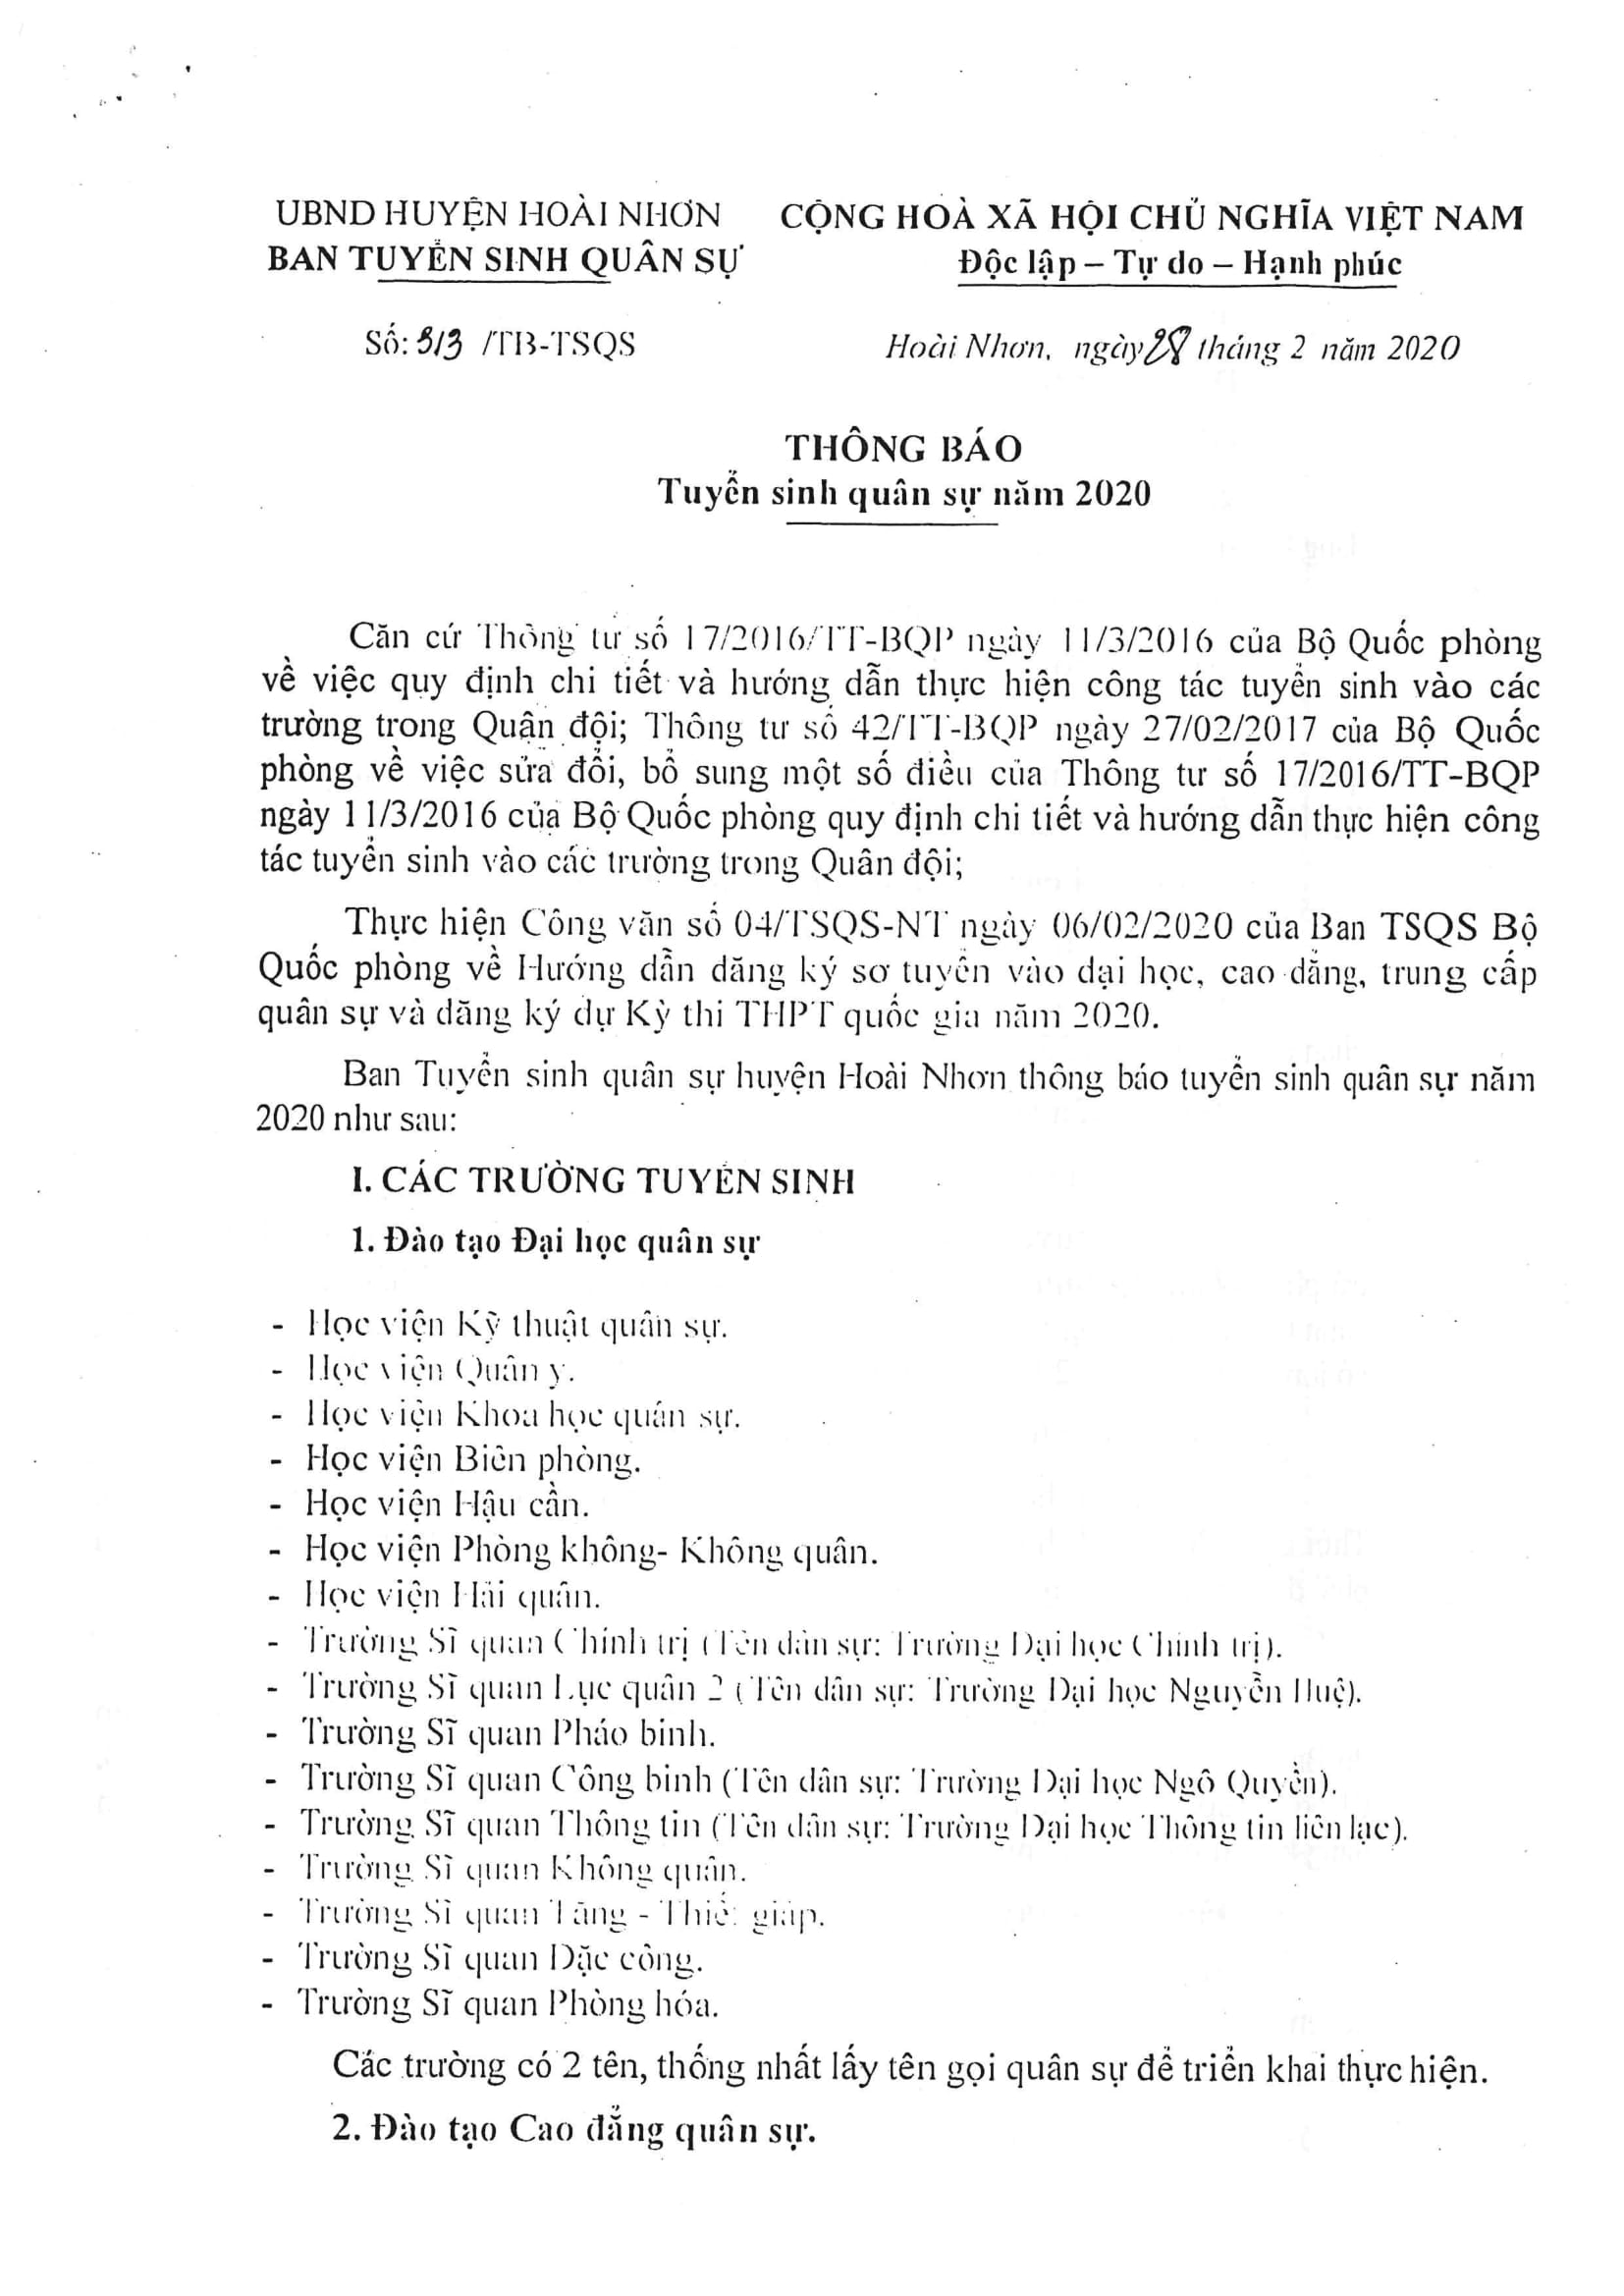 Thông báo tuyển sinh quân sự huyện Hoài Nhơn năm 2020